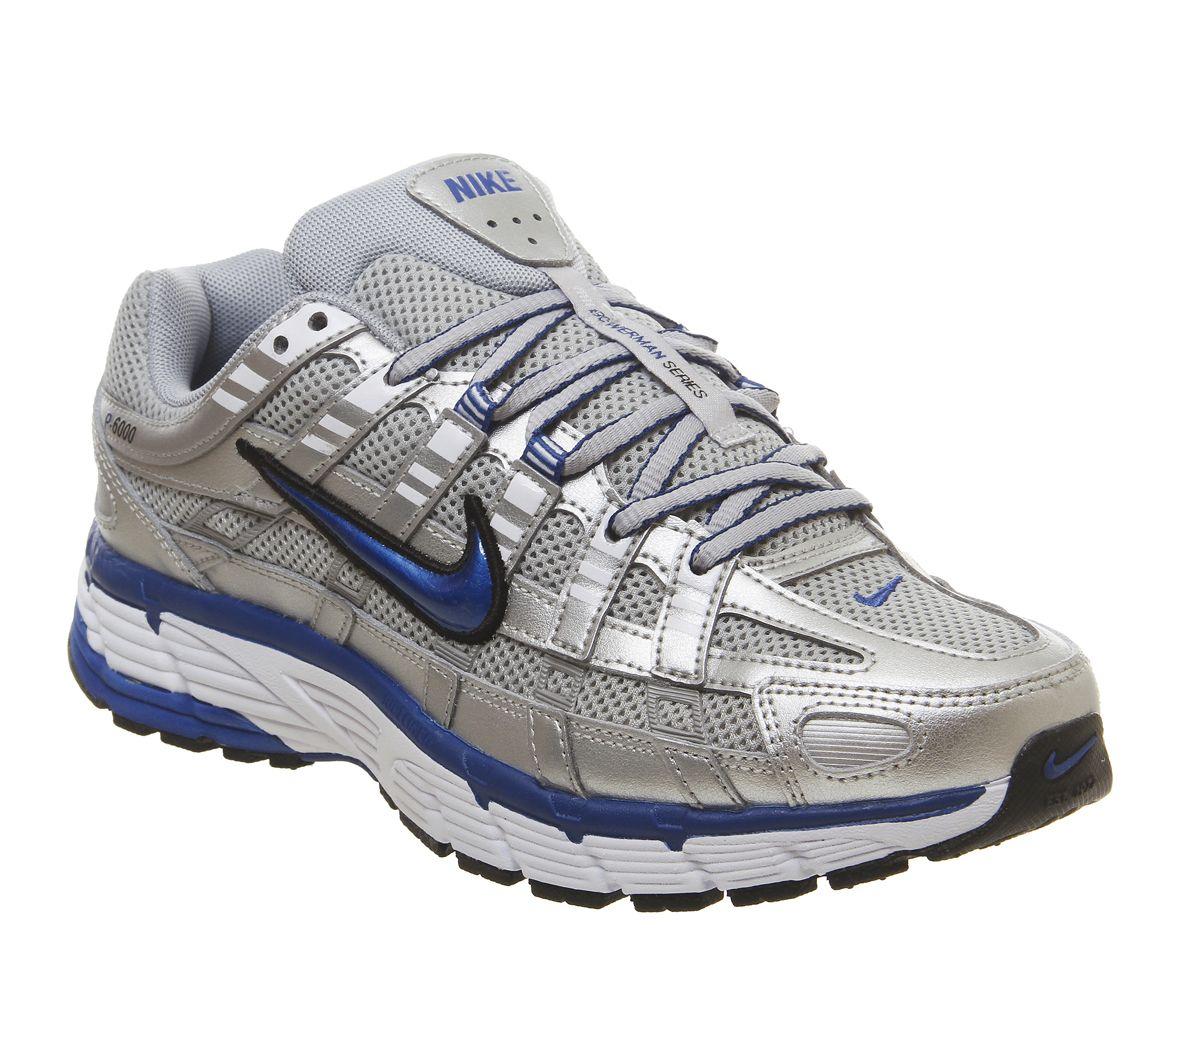 reputable site ece9e e17ae Nike, P-6000 Trainers, Metallic Silver Team Royal White